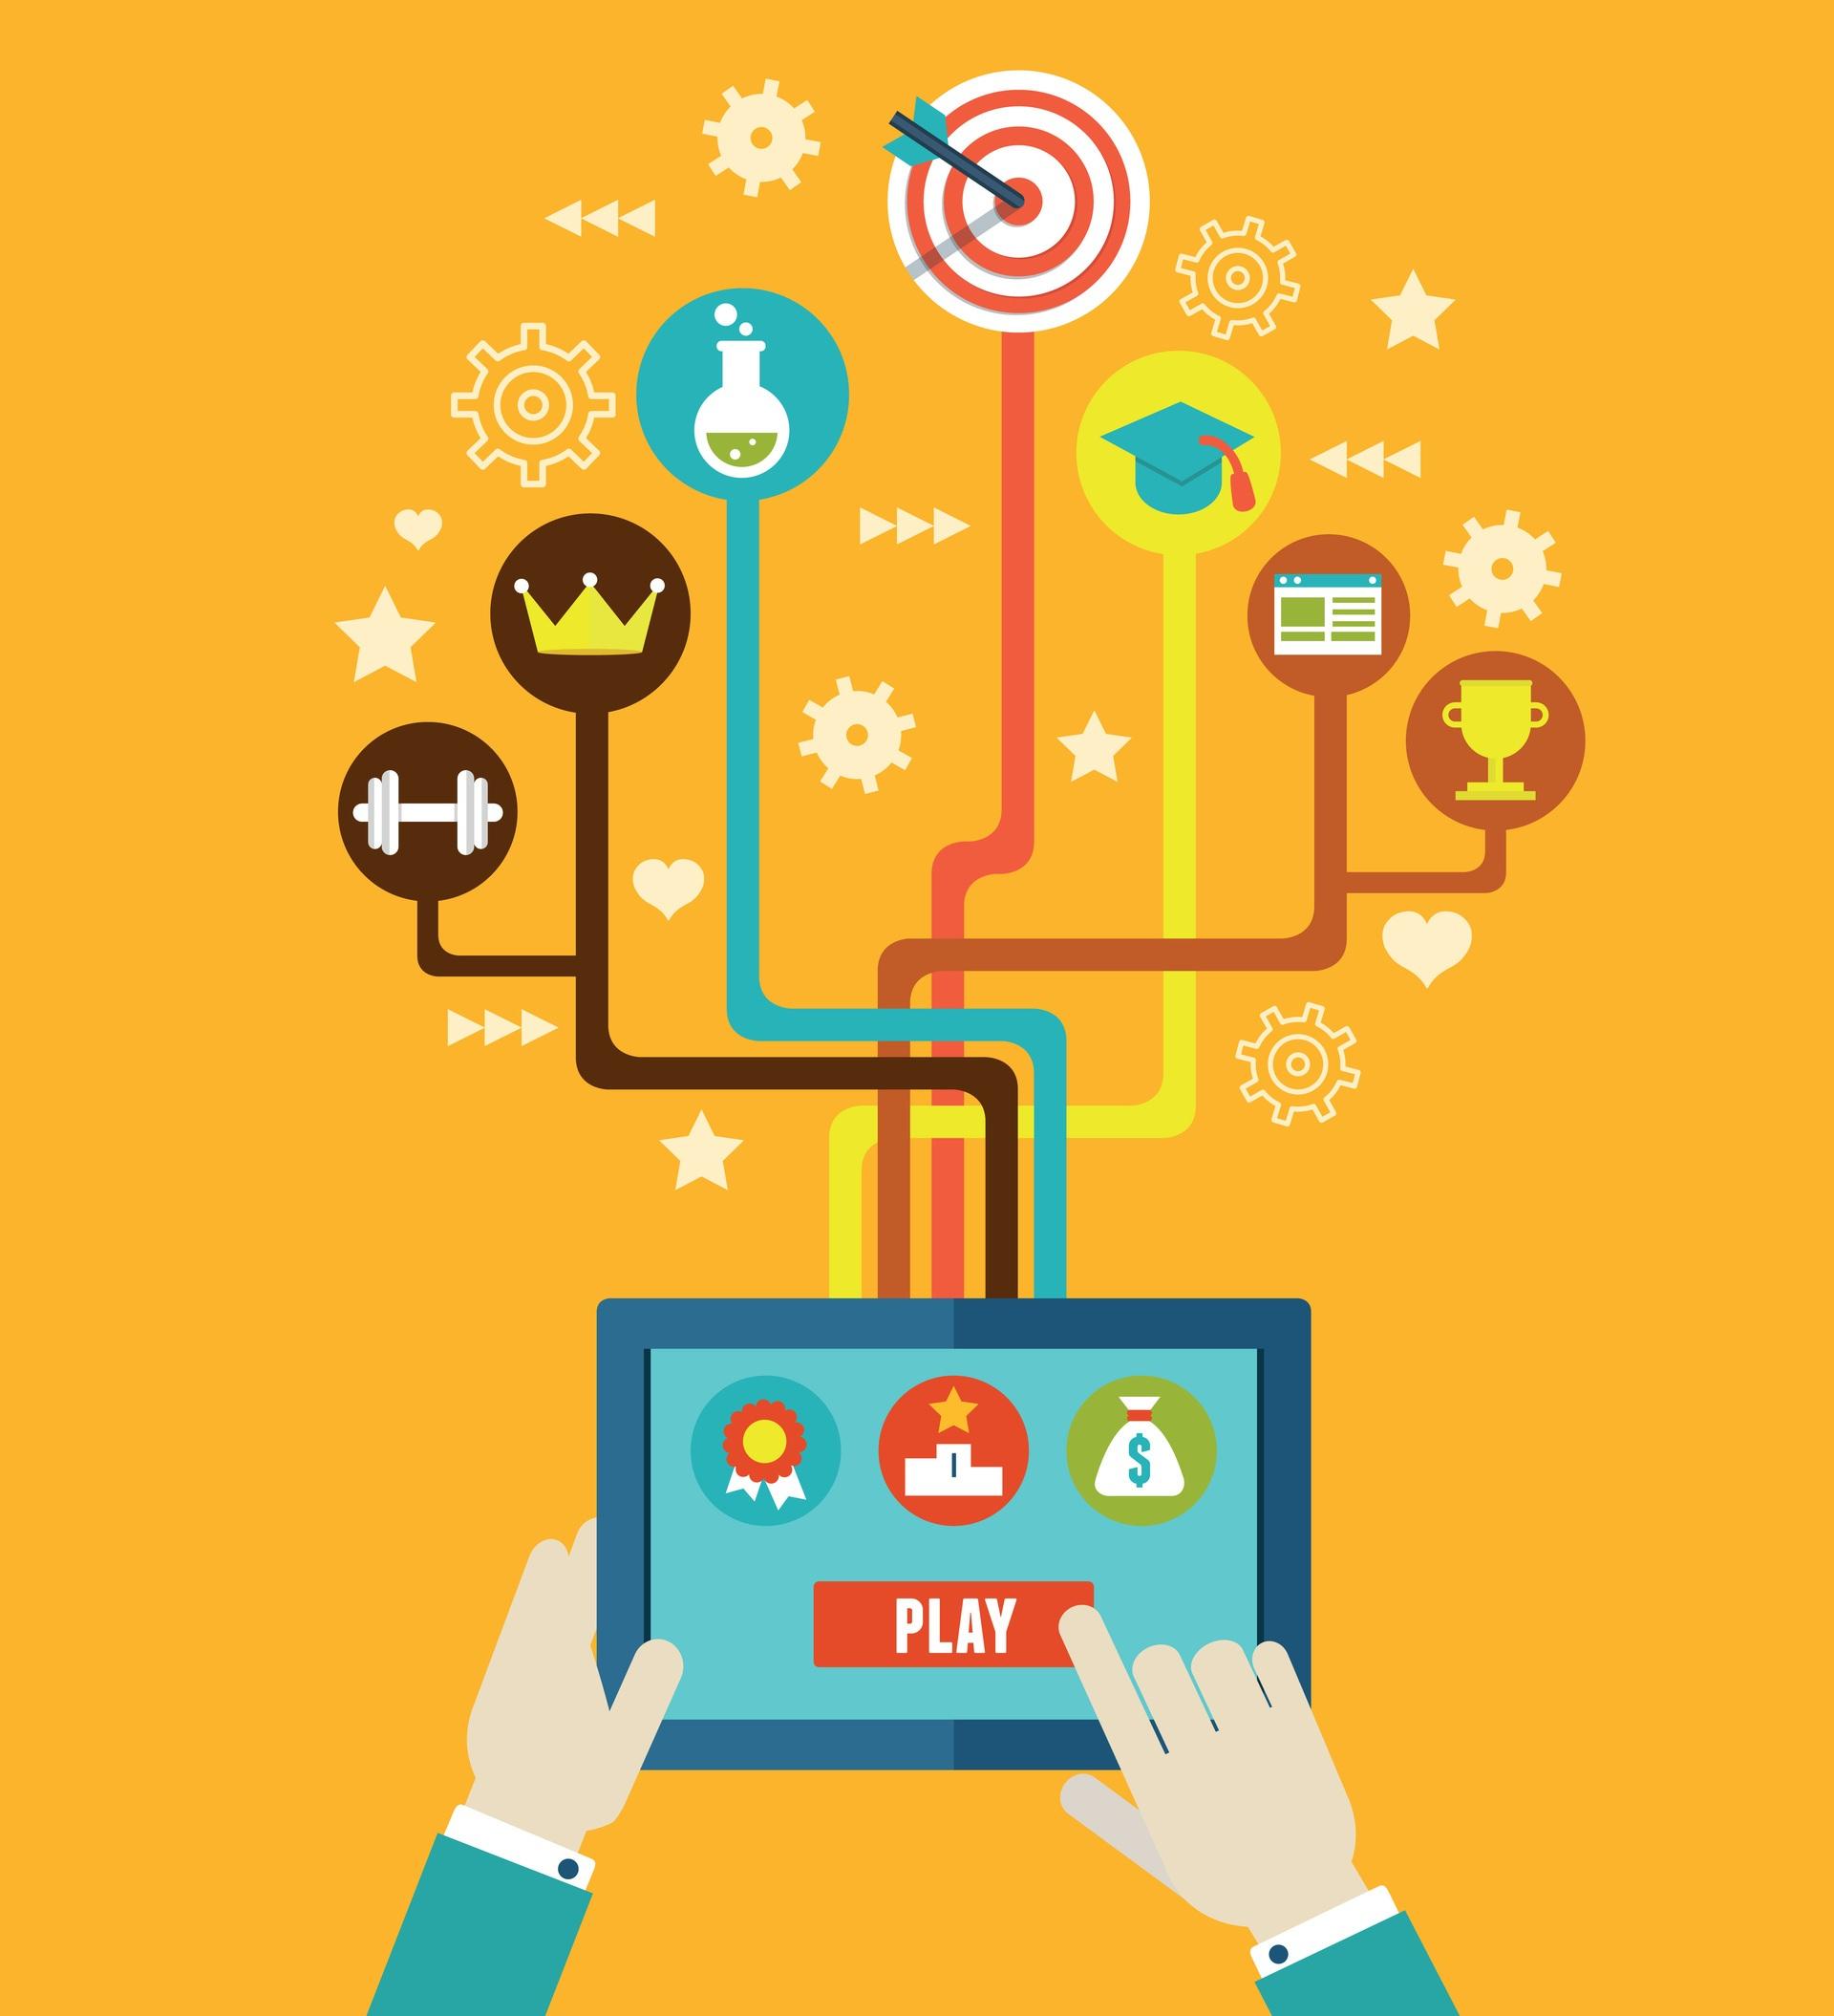 Gamification Et Apprentissage Par Le Jeu : Savez-Vous Faire concernant Jeu Des Différences En Ligne